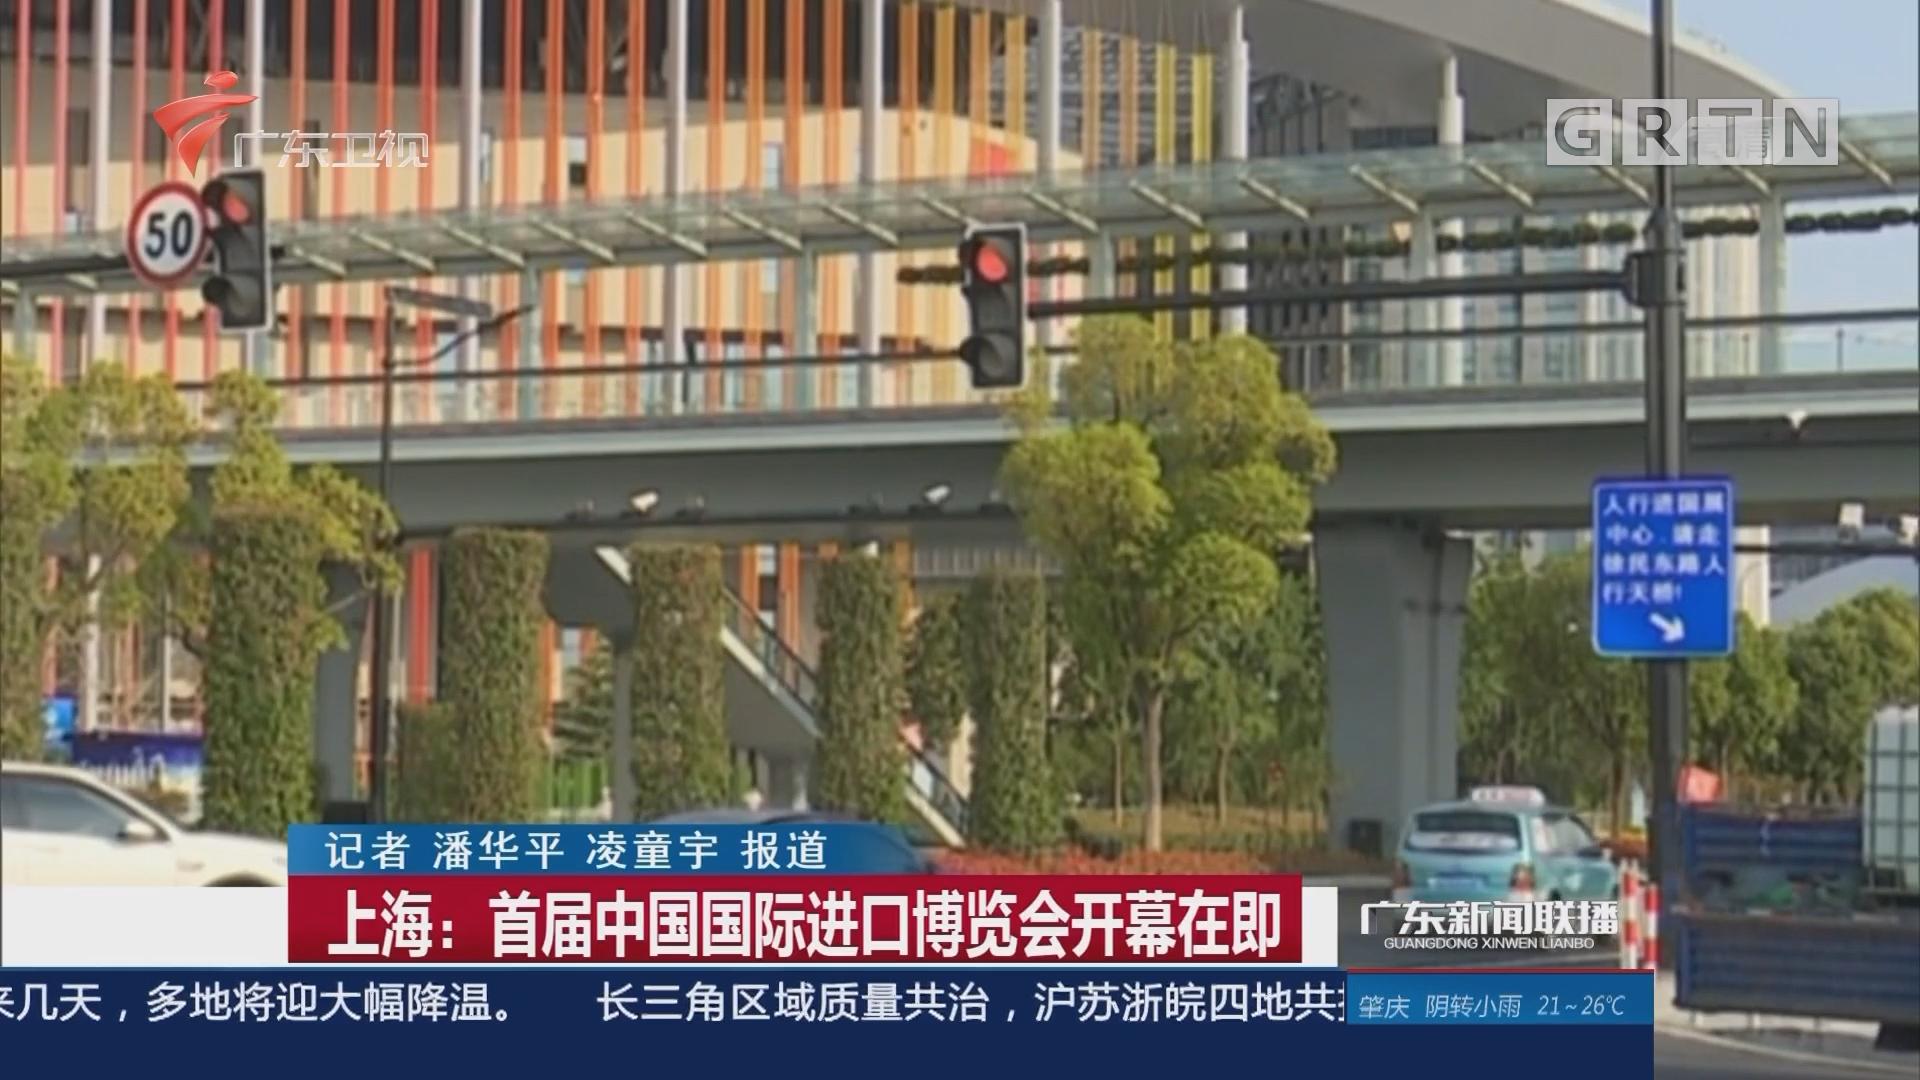 上海:首届中国国际进口博览会开幕在即